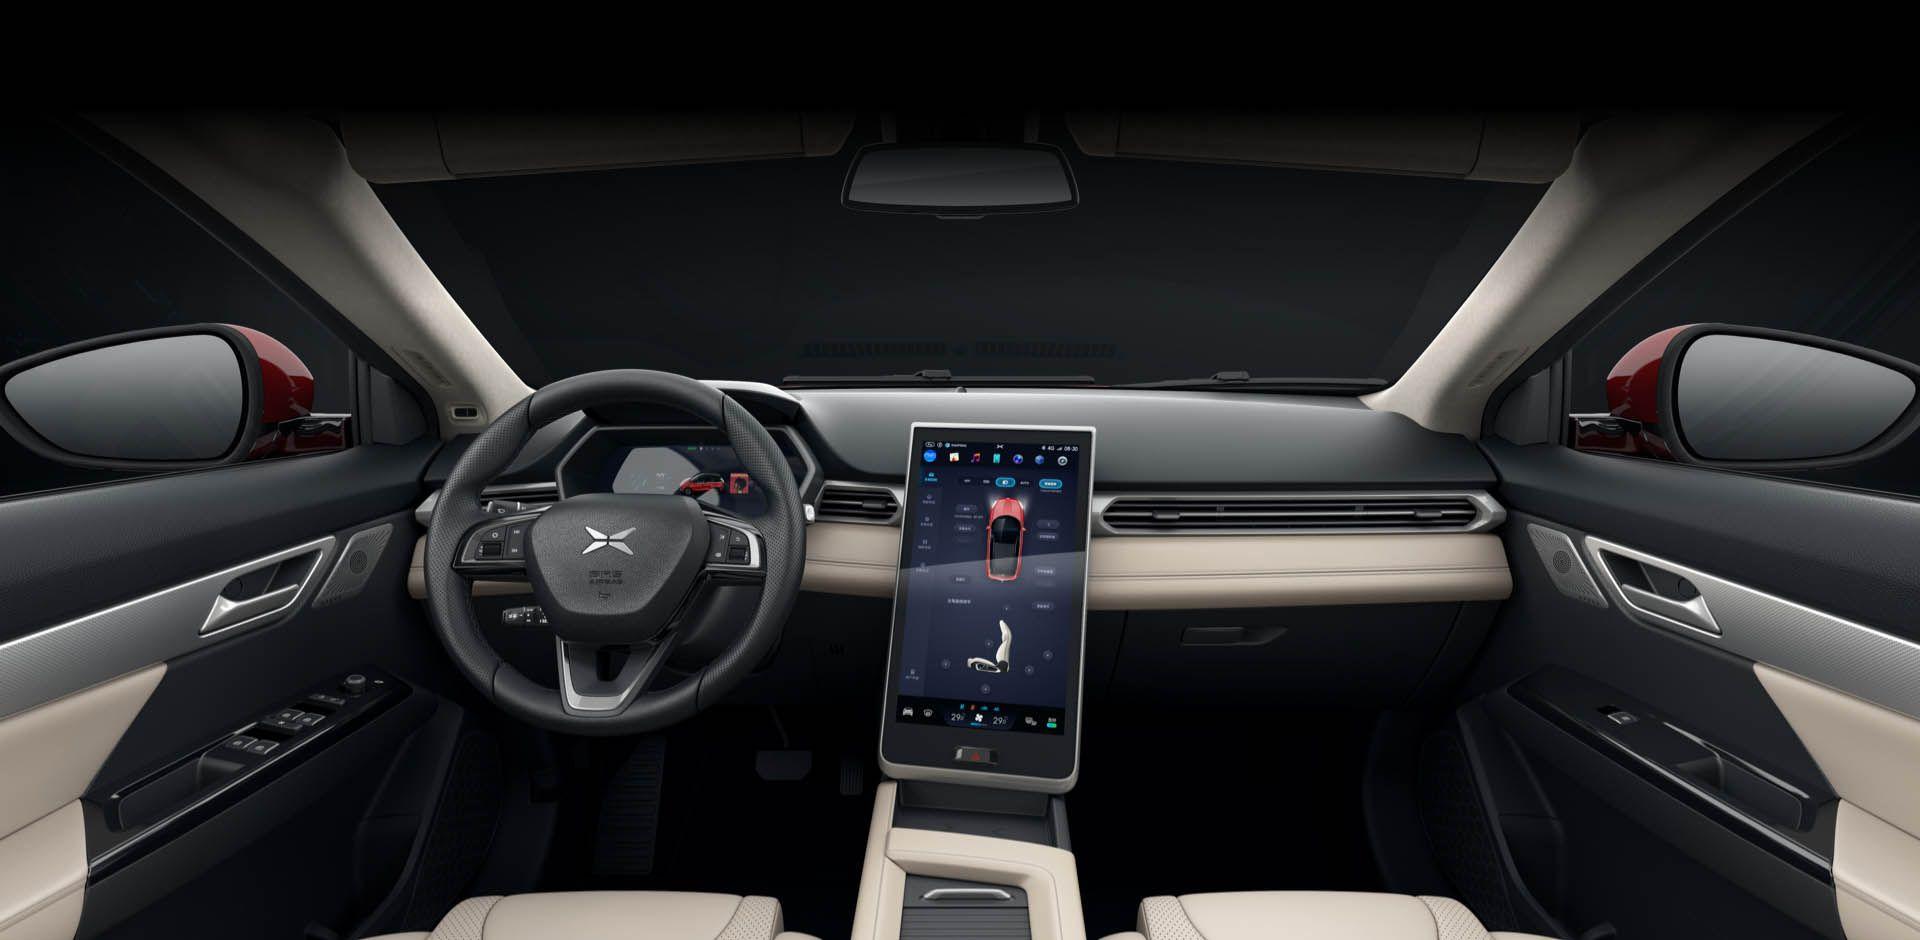 Førermiljøet preges av en 15 tommer stor skjerm i midtkonsollen, ikke så ulikt Teslas biler. Tesla har for øvrig et søksmål gående mot en tidligere ansatt som begynte å jobbe i Xpeng. De hevder han tok med seg kildekoden til Autopilot.